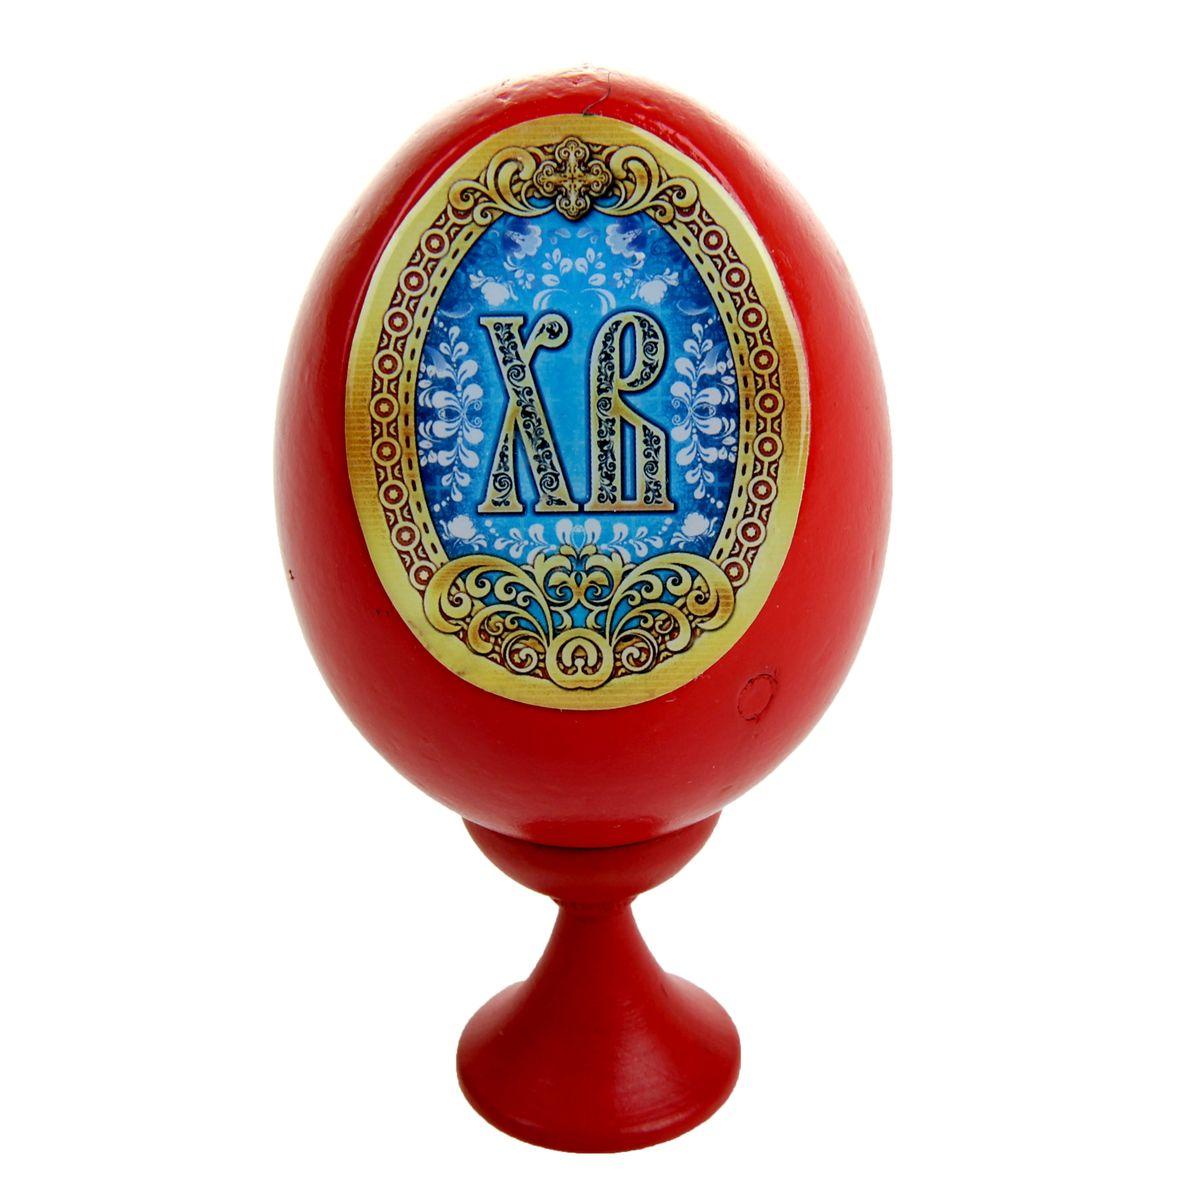 Яйцо декоративное Sima-land Христос Воскрес, на подставке, высота 11 см695266Декоративное яйцо Sima-land Христос Воскрес изготовлено из дерева. Яйцо оформлено яркой наклейкой с традиционным пасхальным изображением, покрытой смоляным слоем. Изделие располагается на деревянной подставке. Декоративное яйцо Sima-land Христос Воскрес принесет в ваш дом ощущение торжества, душевного уюта и станет идеальным подарком на Пасху. Диаметр яйца: 5,5 см. Высота яйца: 8 см. Размер подставки: 3 см х 3 см х 3,5 см.